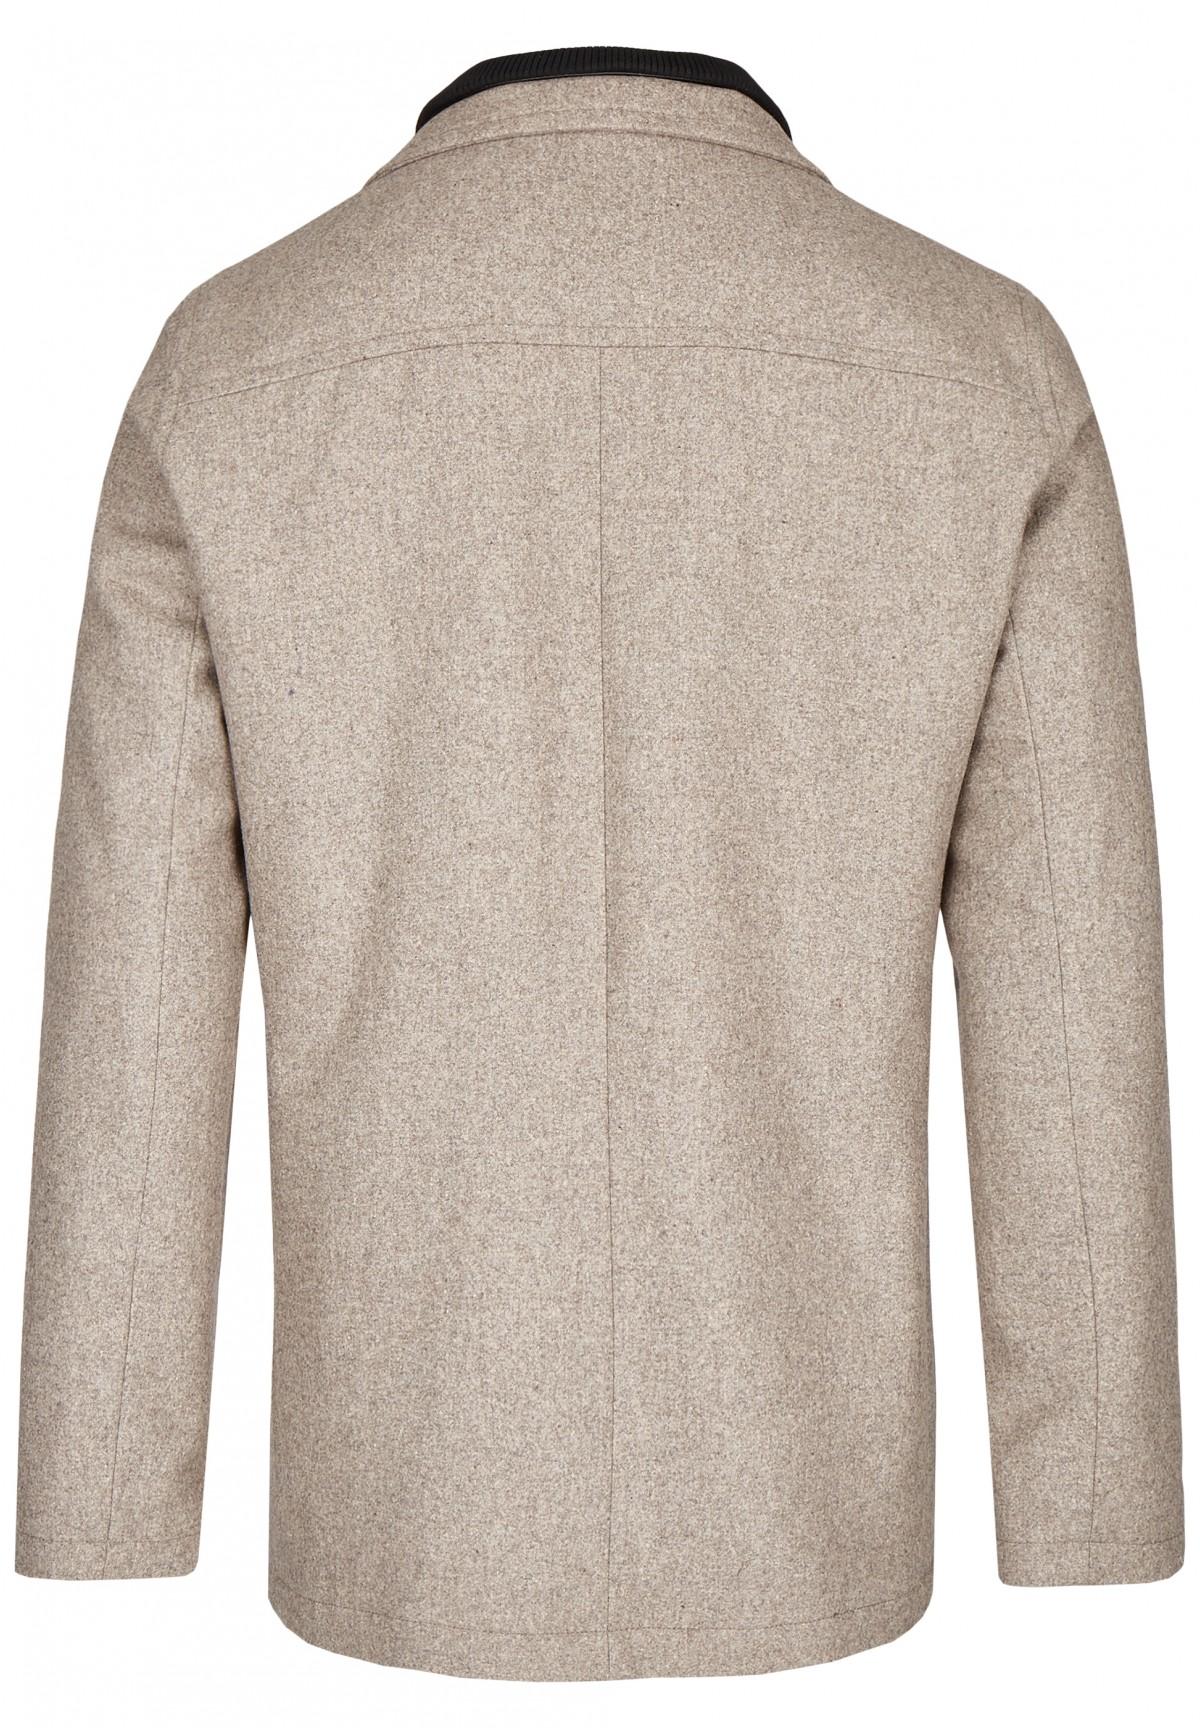 Sportive Woll-Jacke / Sportive Woll-Jacke